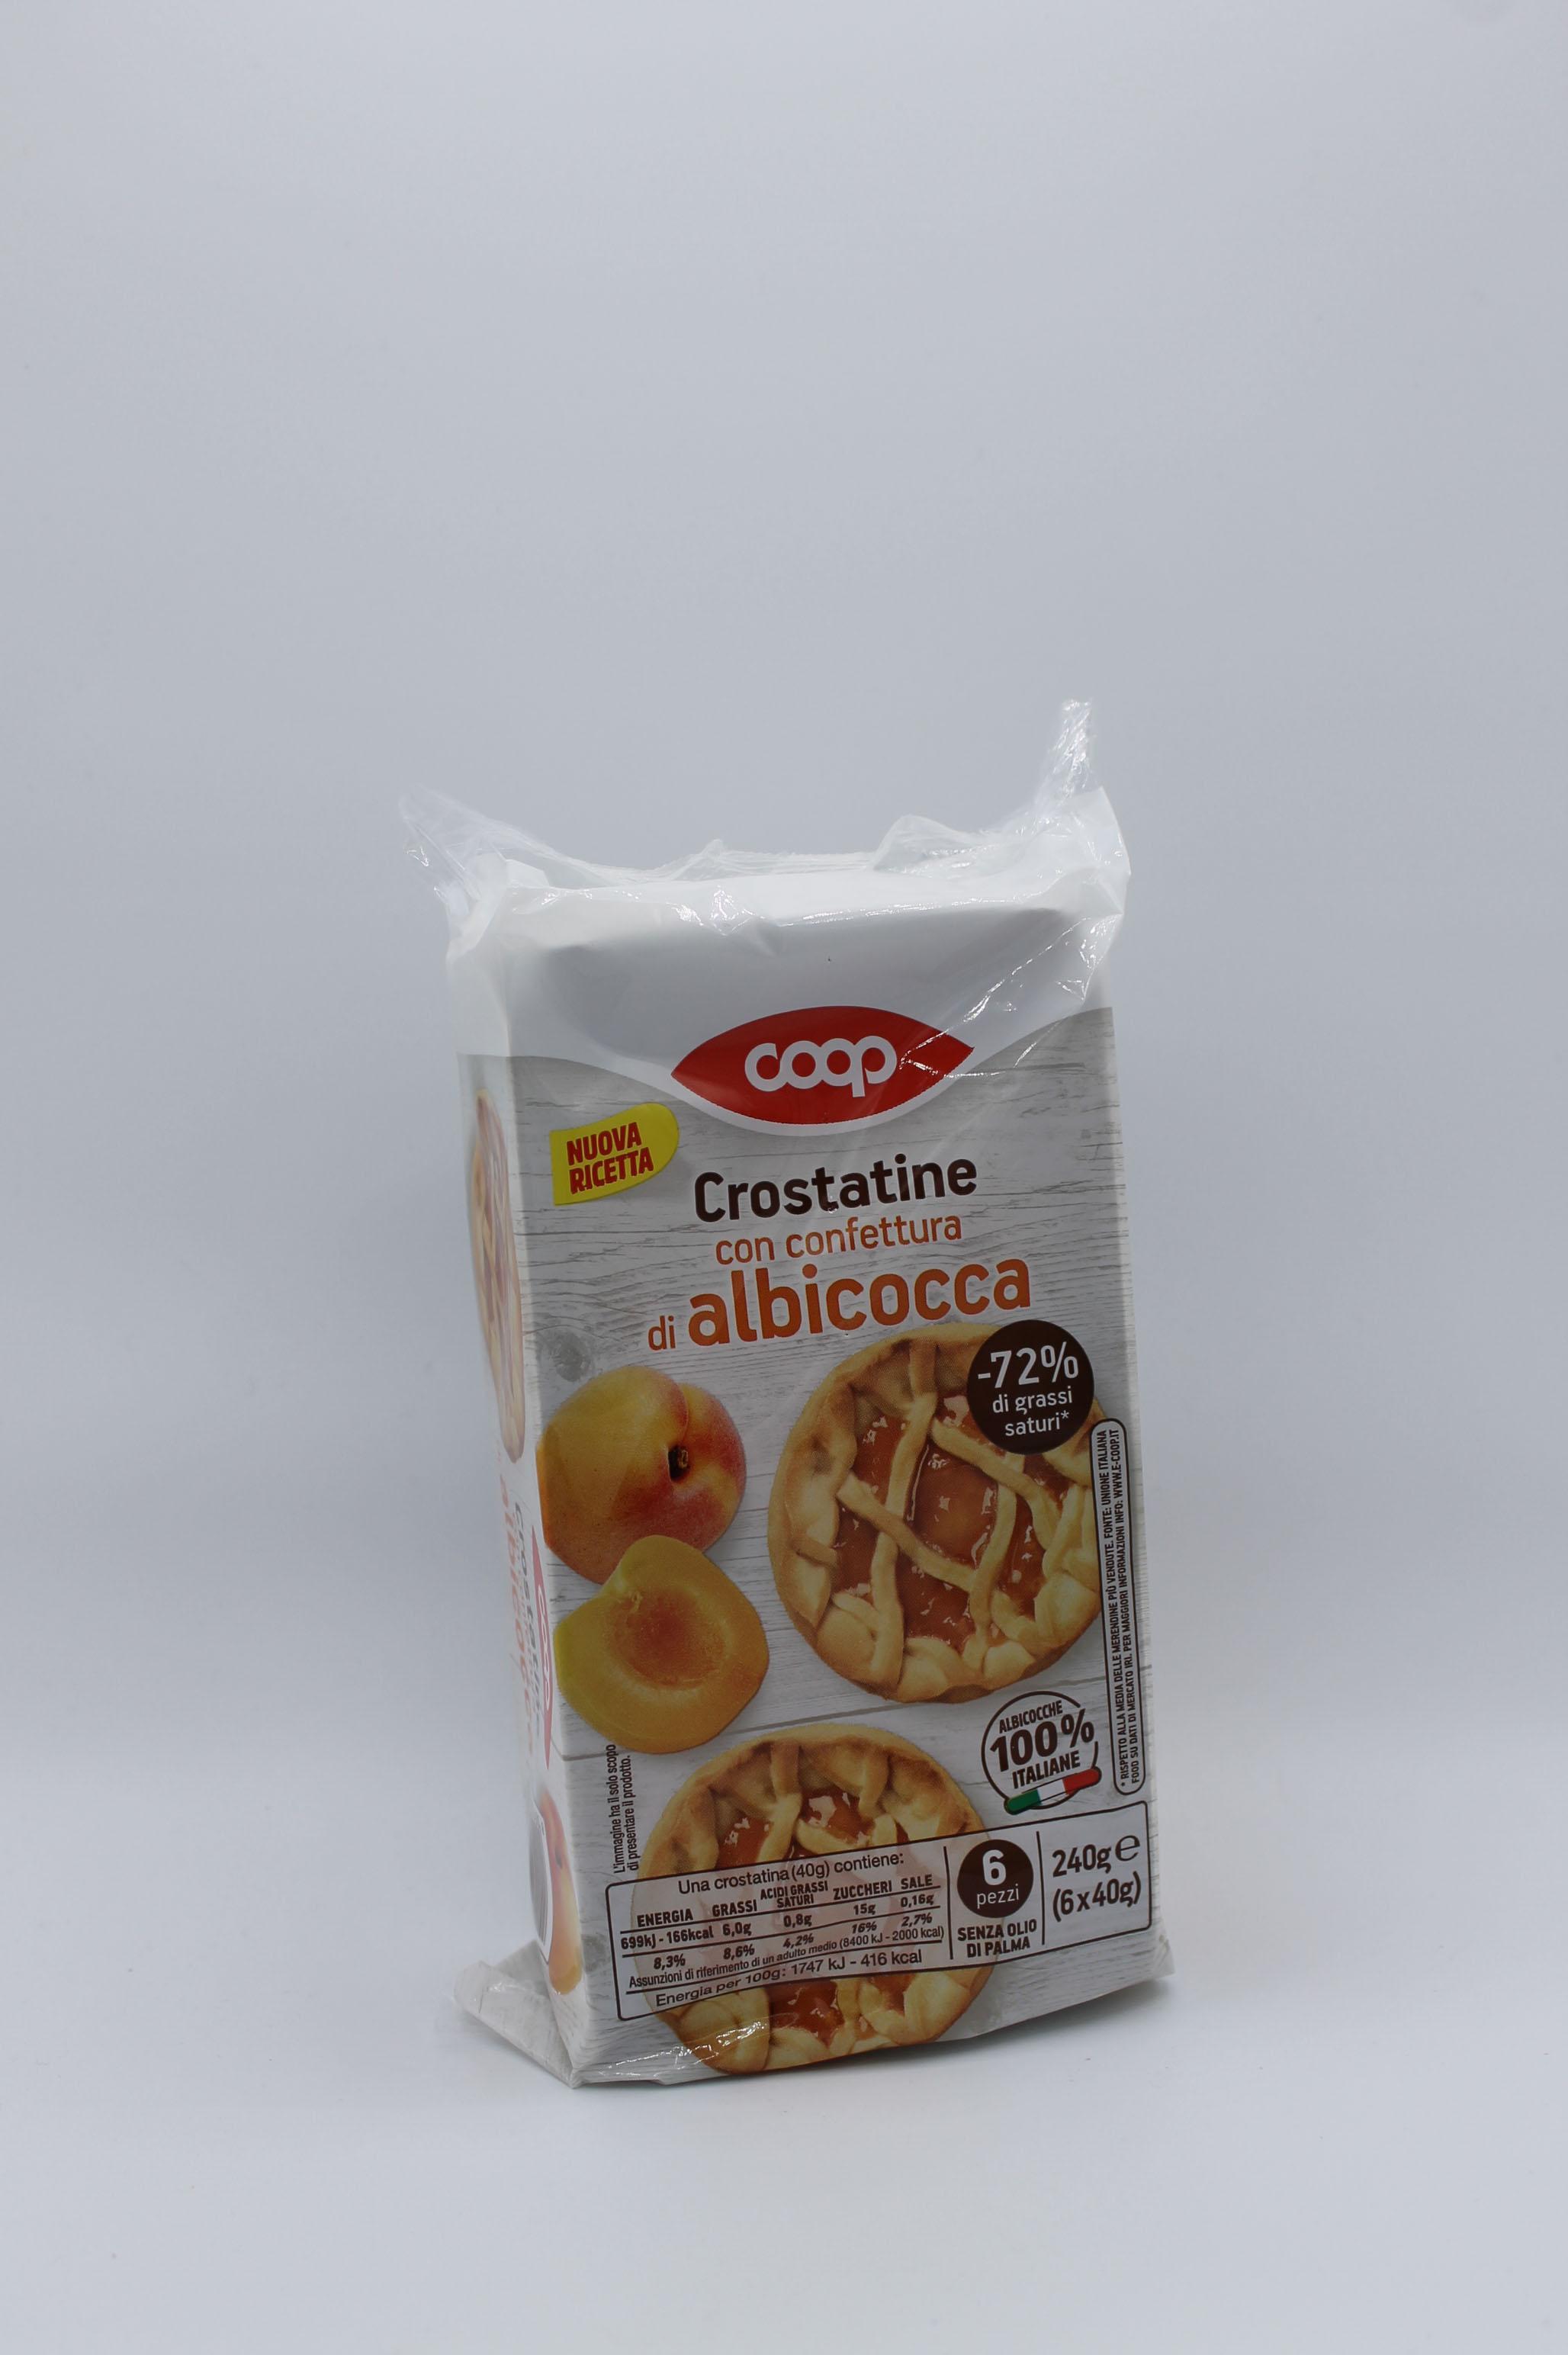 Coop crostatine 6pz 240gr vari gusti.